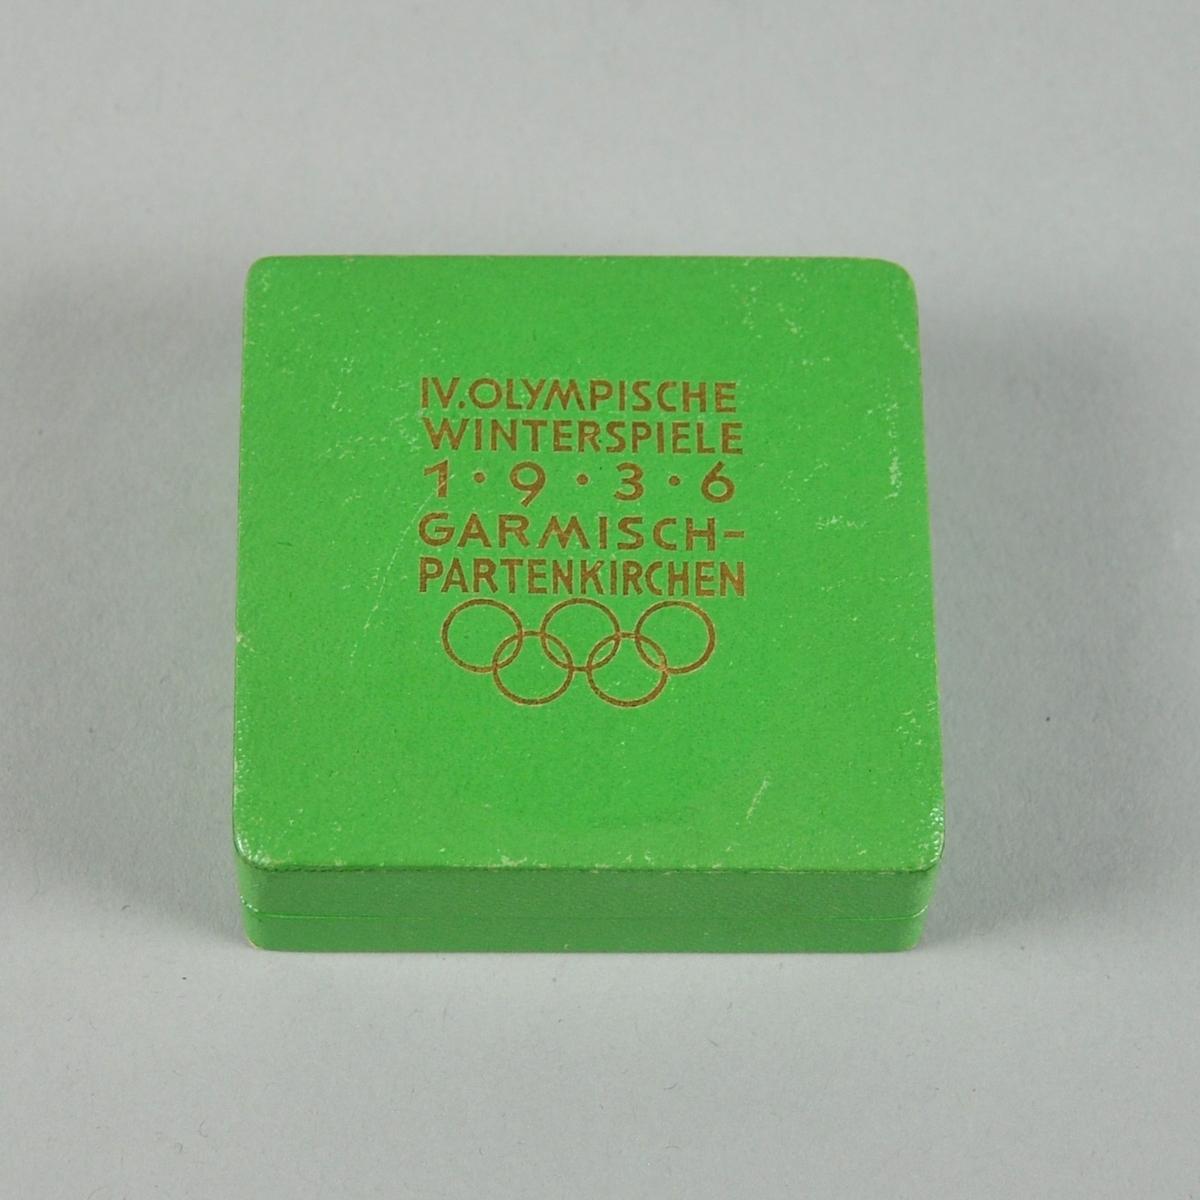 Grønn eske av kartong med tekst og de olympiske ringer i gull på lokket.